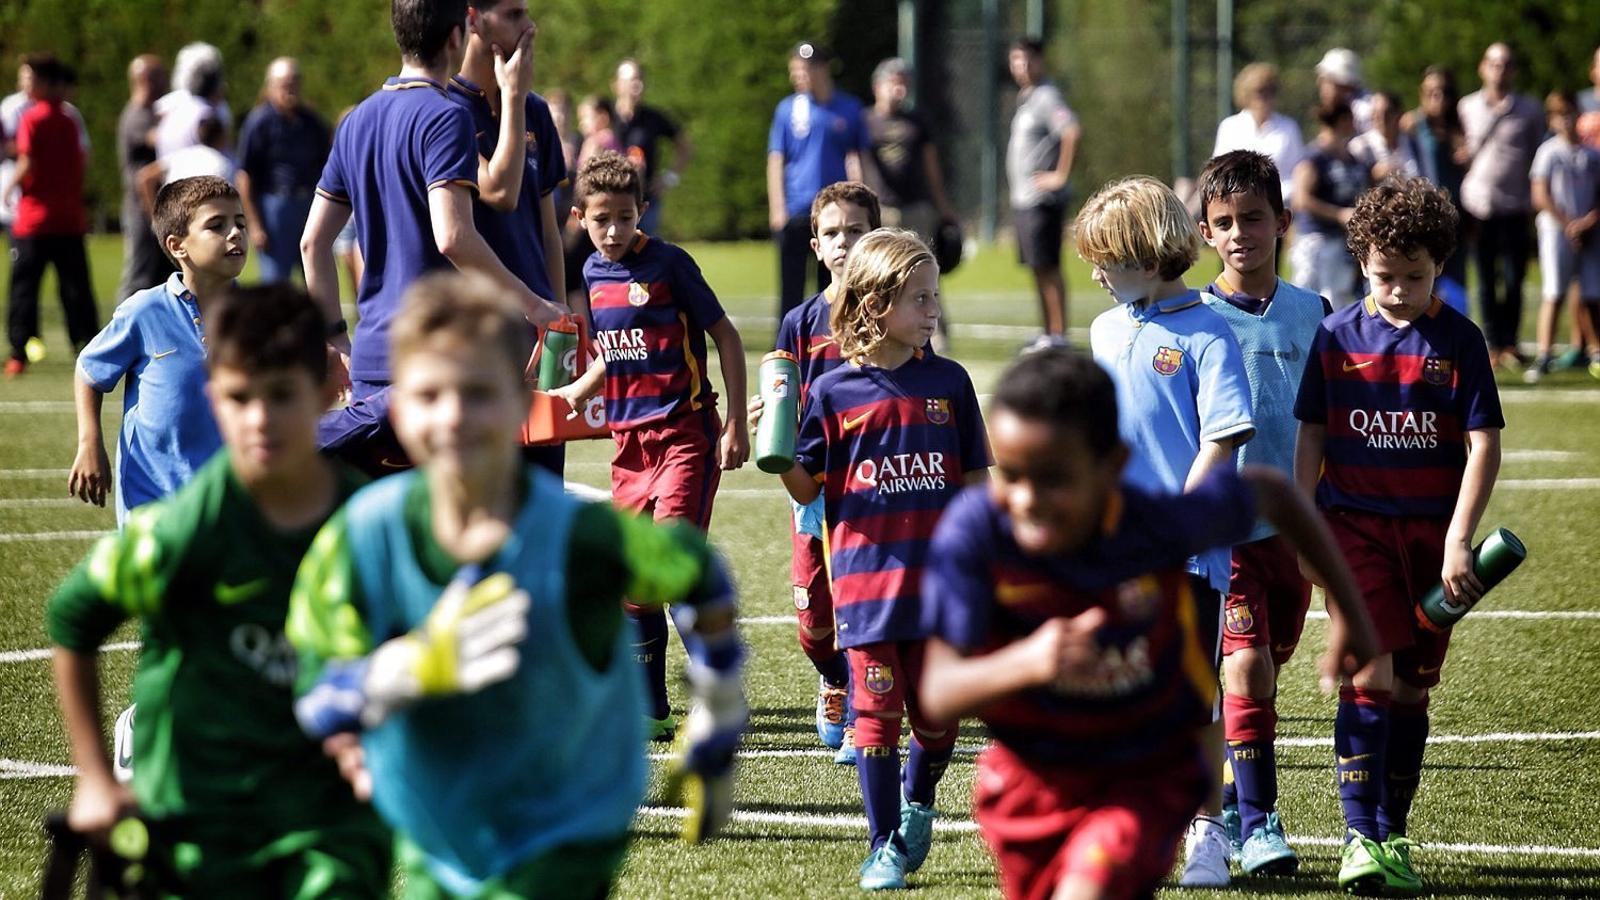 Els jugadors del benjamí C del Barça durant un partit a la Ciutat Esportiva Joan Gamper.